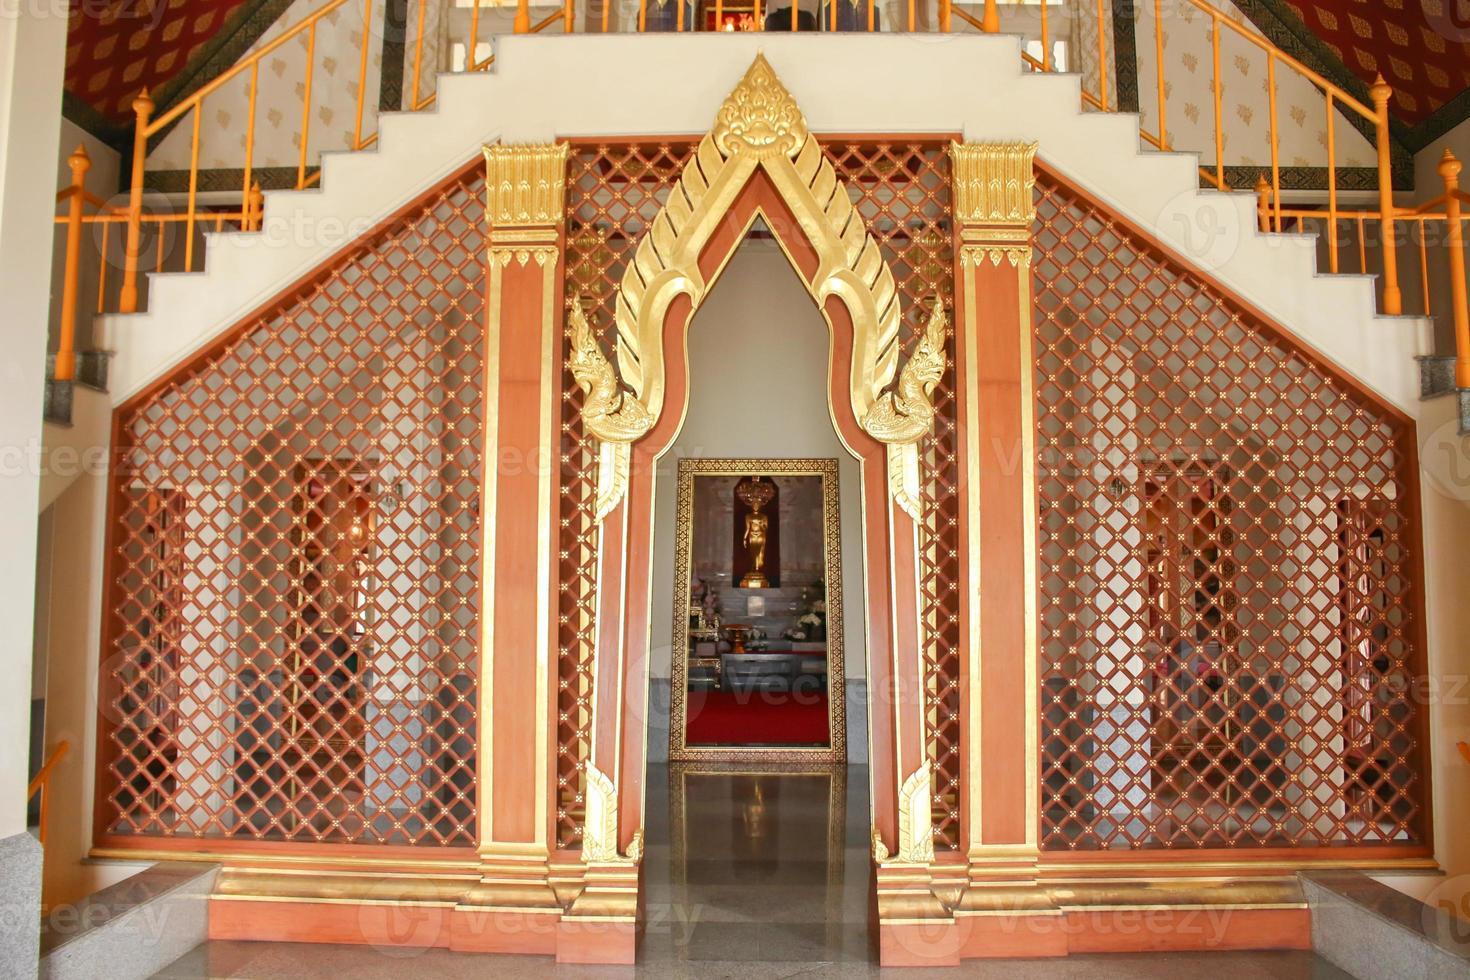 modèle temple intérieur photo